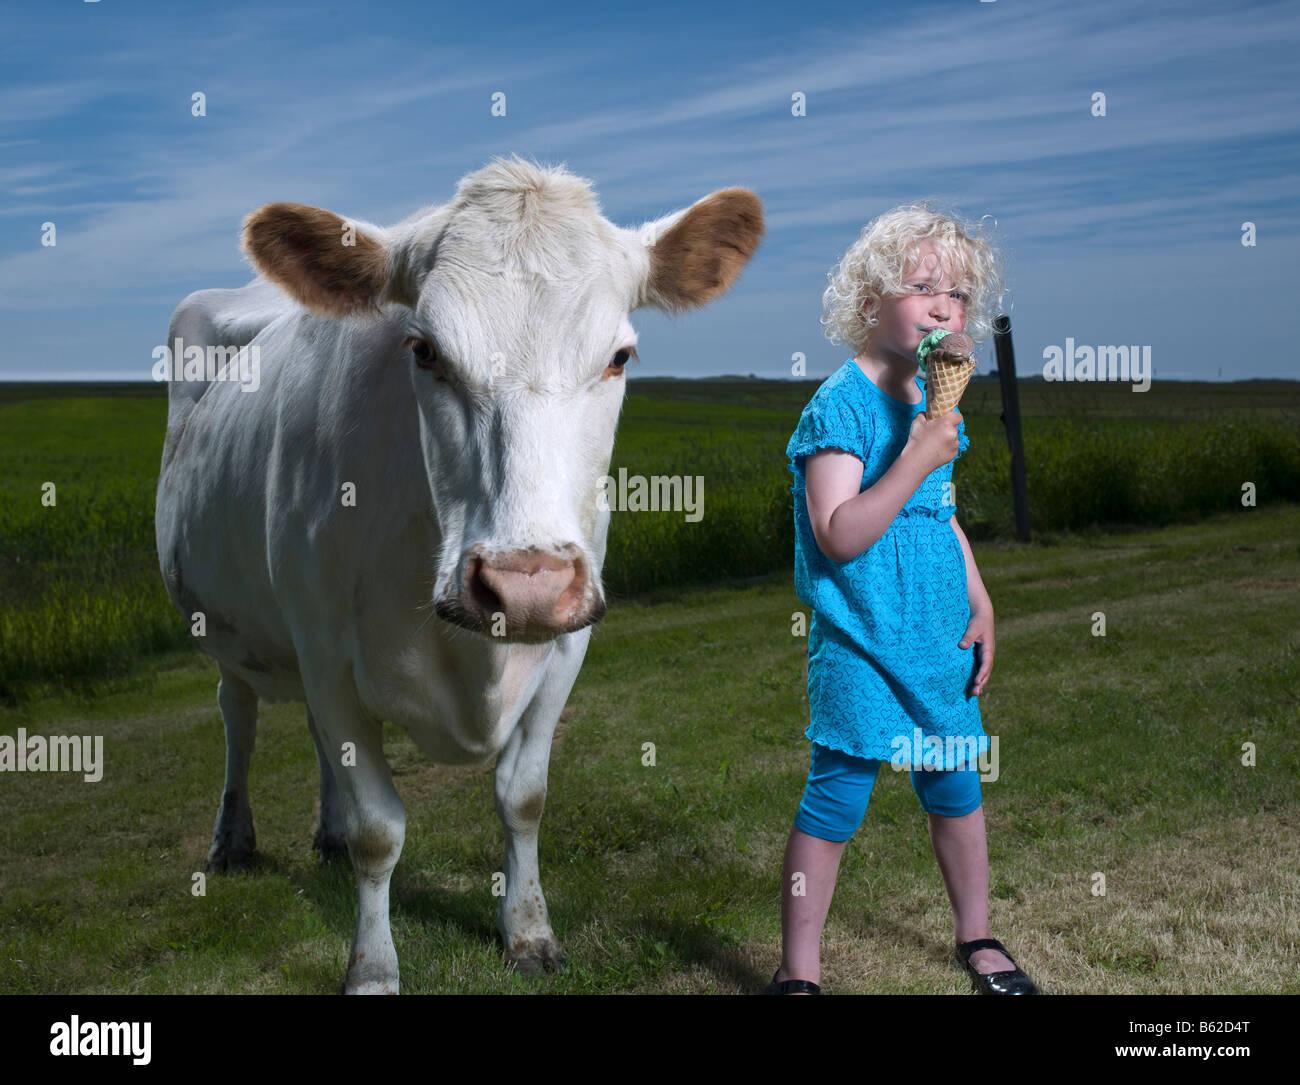 Ragazza giovane di mangiare un cono gelato con il bianco delle vacche da latte, Islanda Orientale Immagini Stock